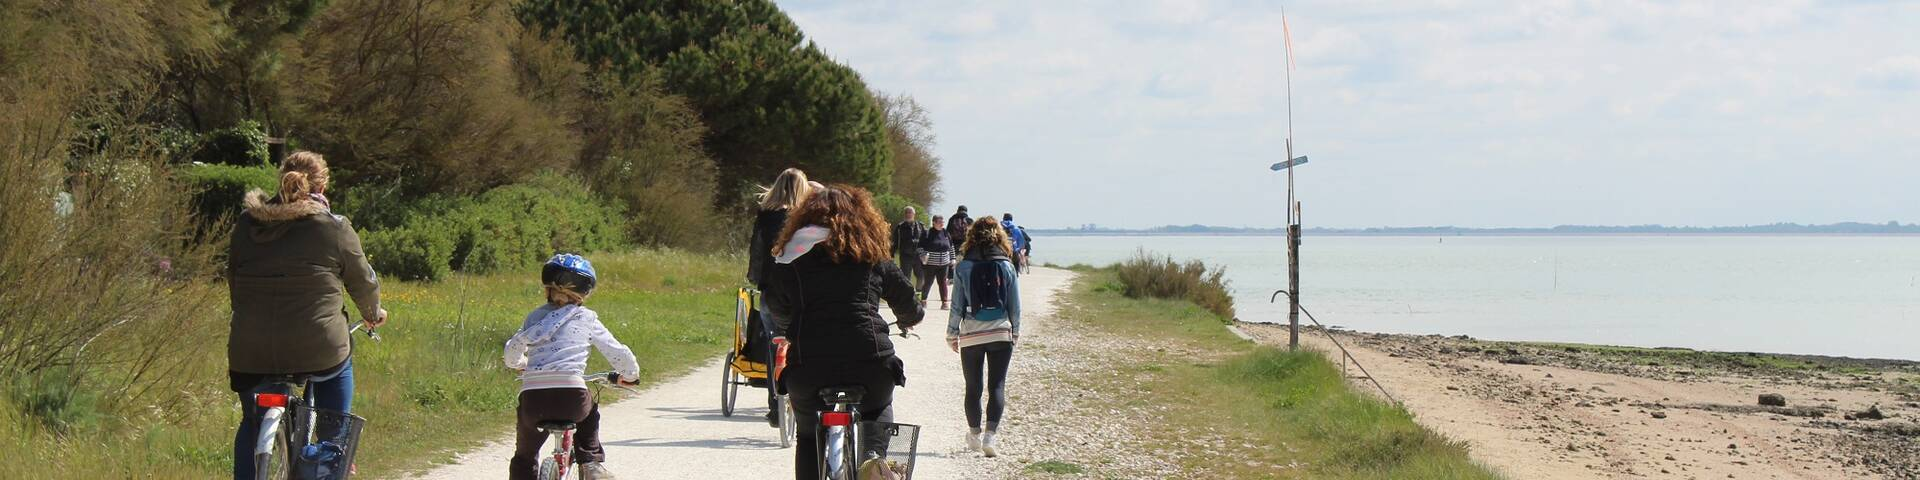 Tour en vélo sur l'île d'Aix